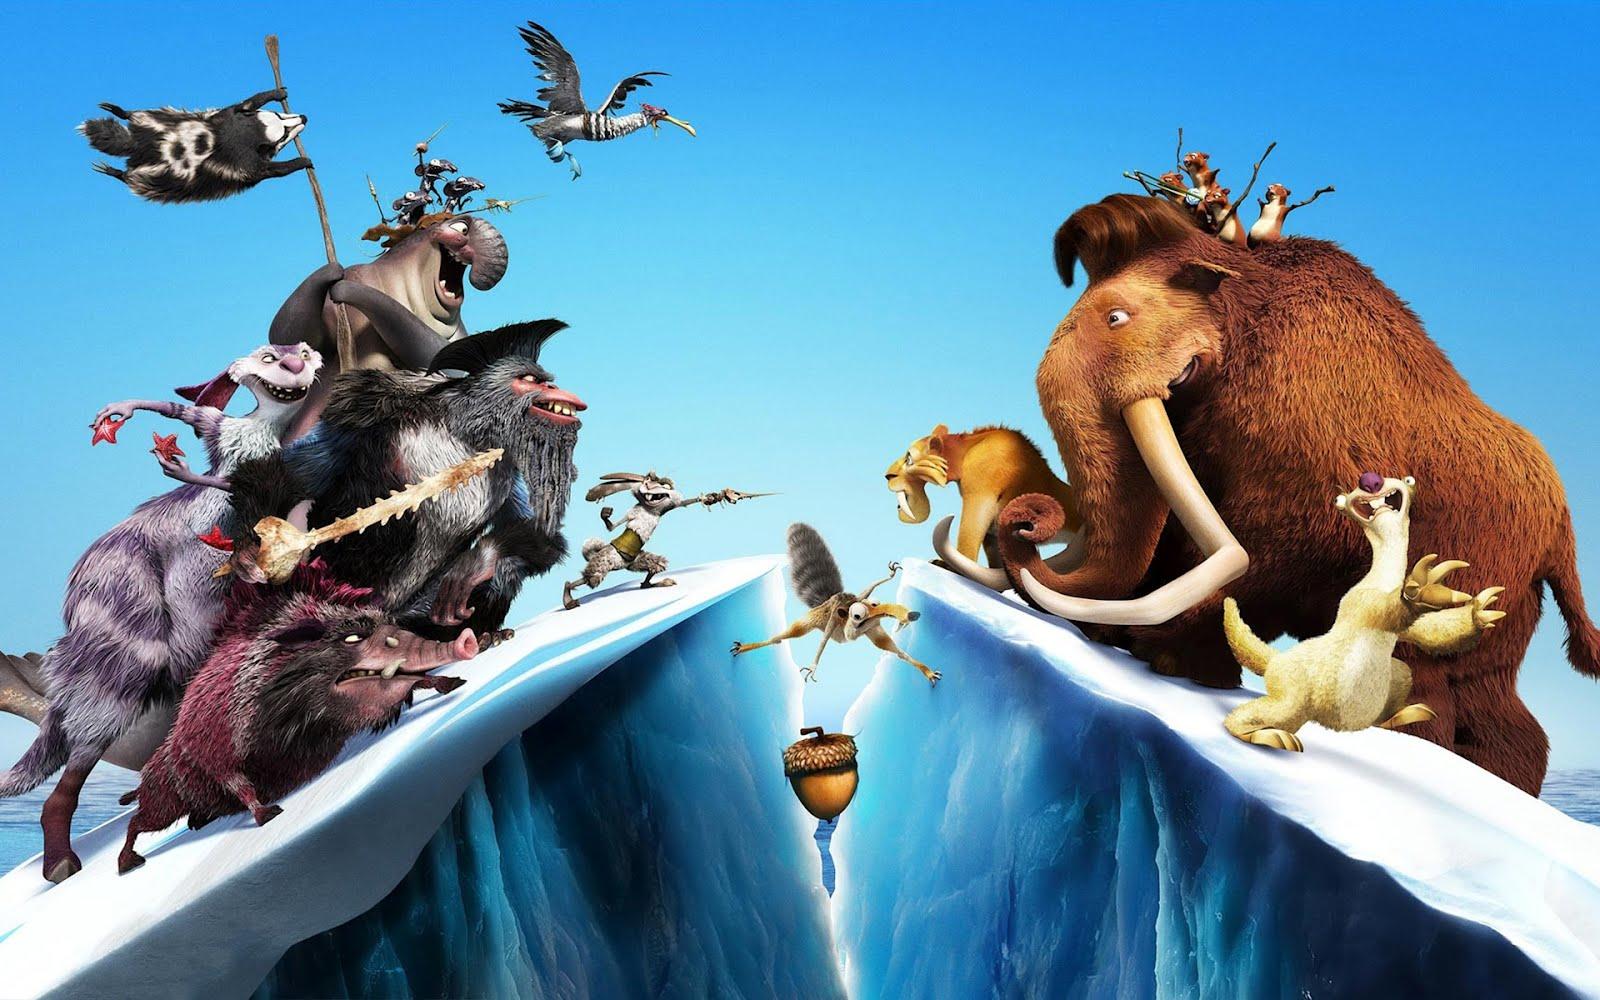 http://3.bp.blogspot.com/-yA3JLK5kVgE/UJxfBU1u8RI/AAAAAAAADVE/QS42w6hvr4o/s1600/ice-age-4-continental-drift-la-era-de-hielo-wallpaper-.jpg